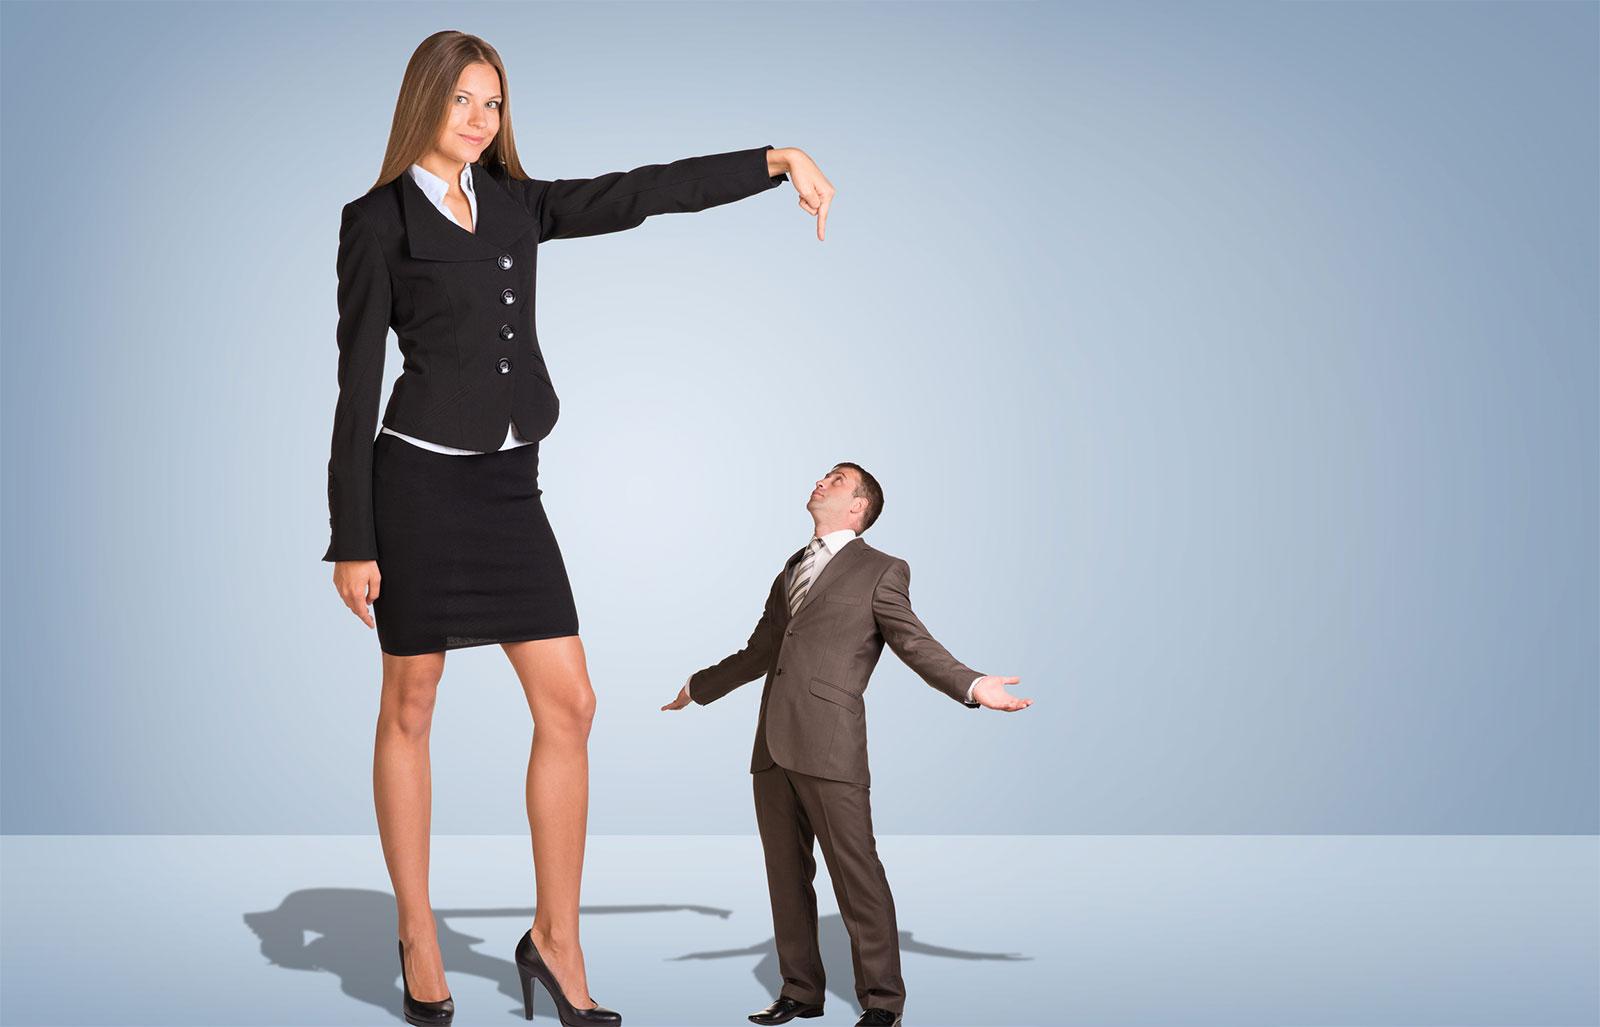 Dating a taller girl as a shorter guy starter pack